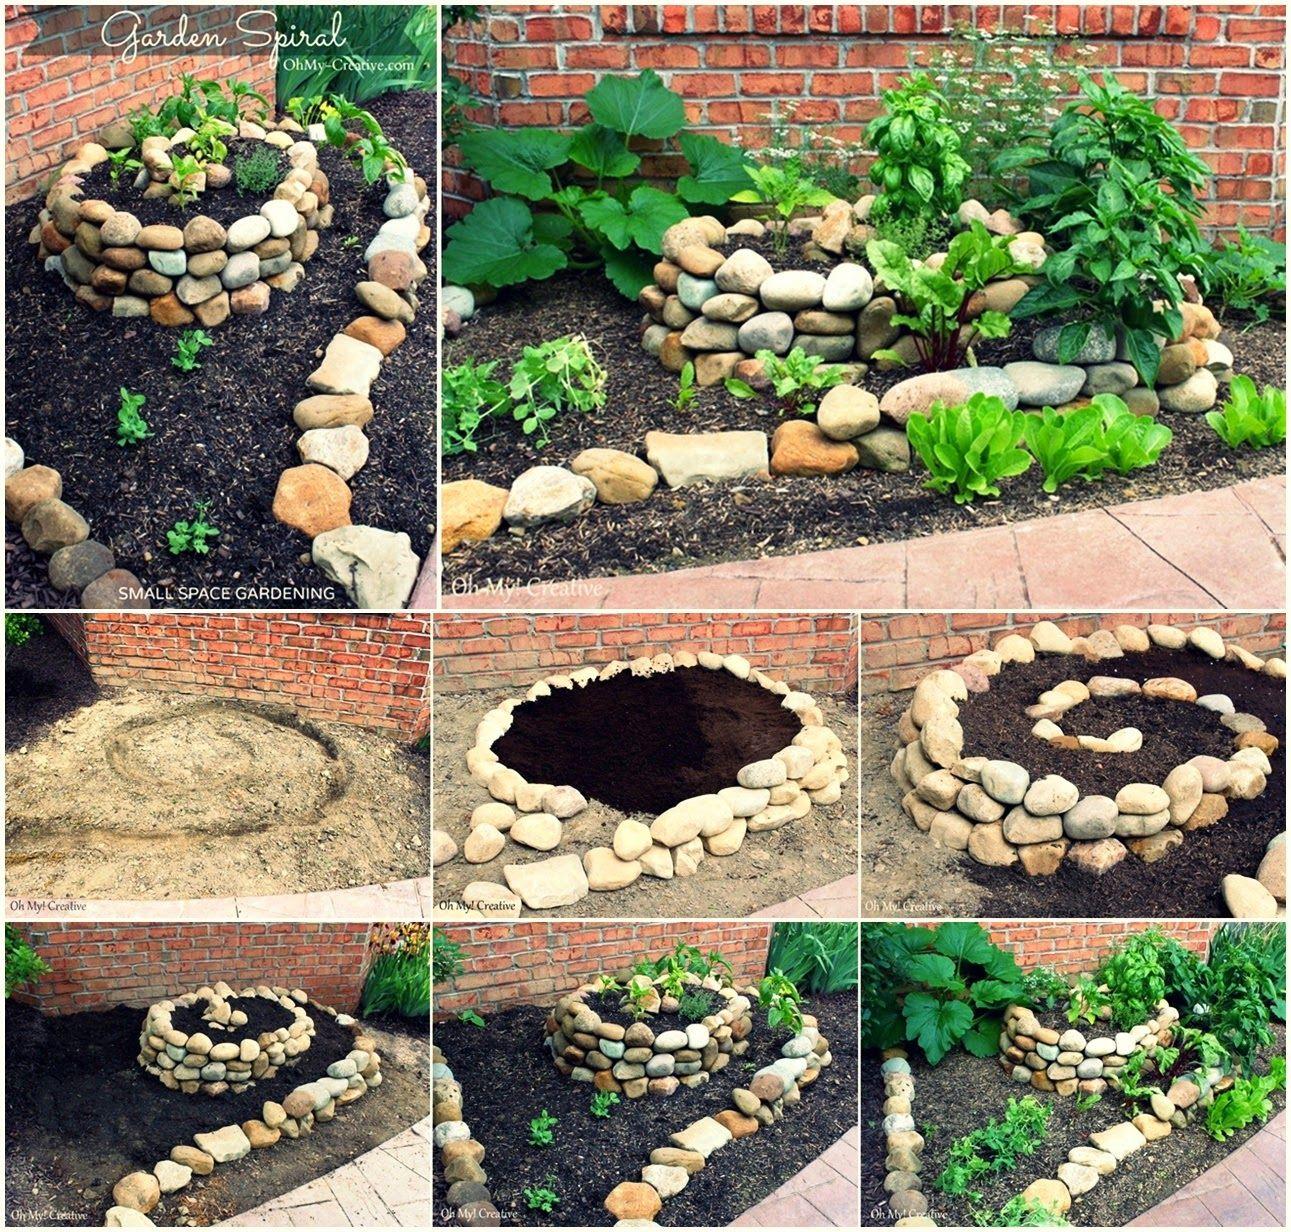 Diy Home Vegetable Garden OuNE Anarchy&Artichokes Pinterest